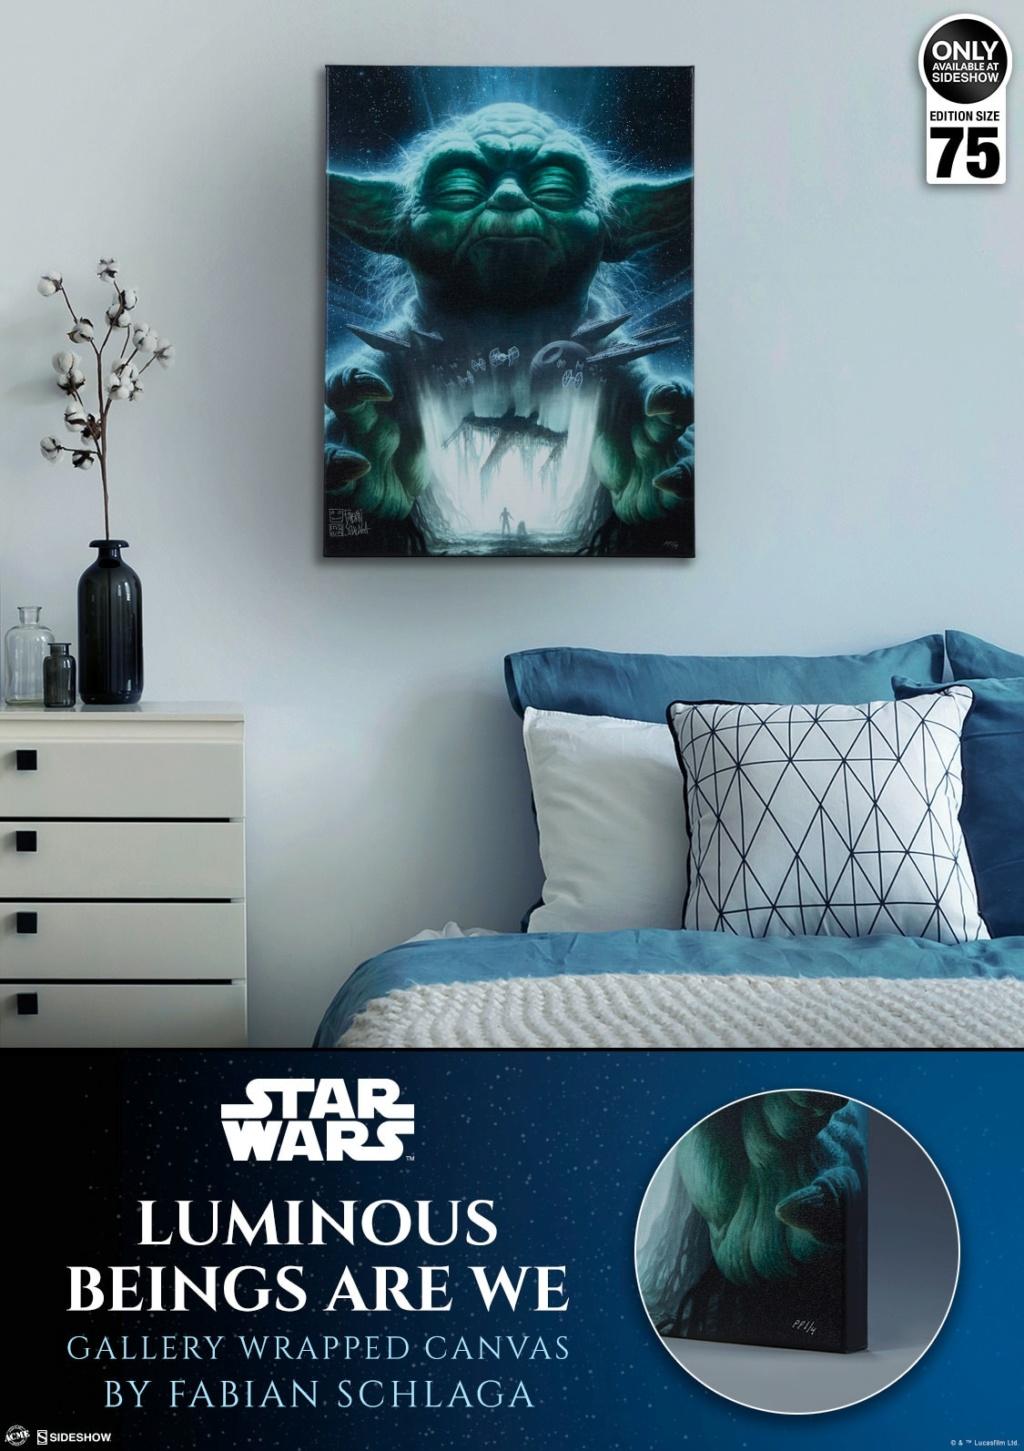 Star Wars Luminous Beings Are We - ACME / Sideshow Lumino11